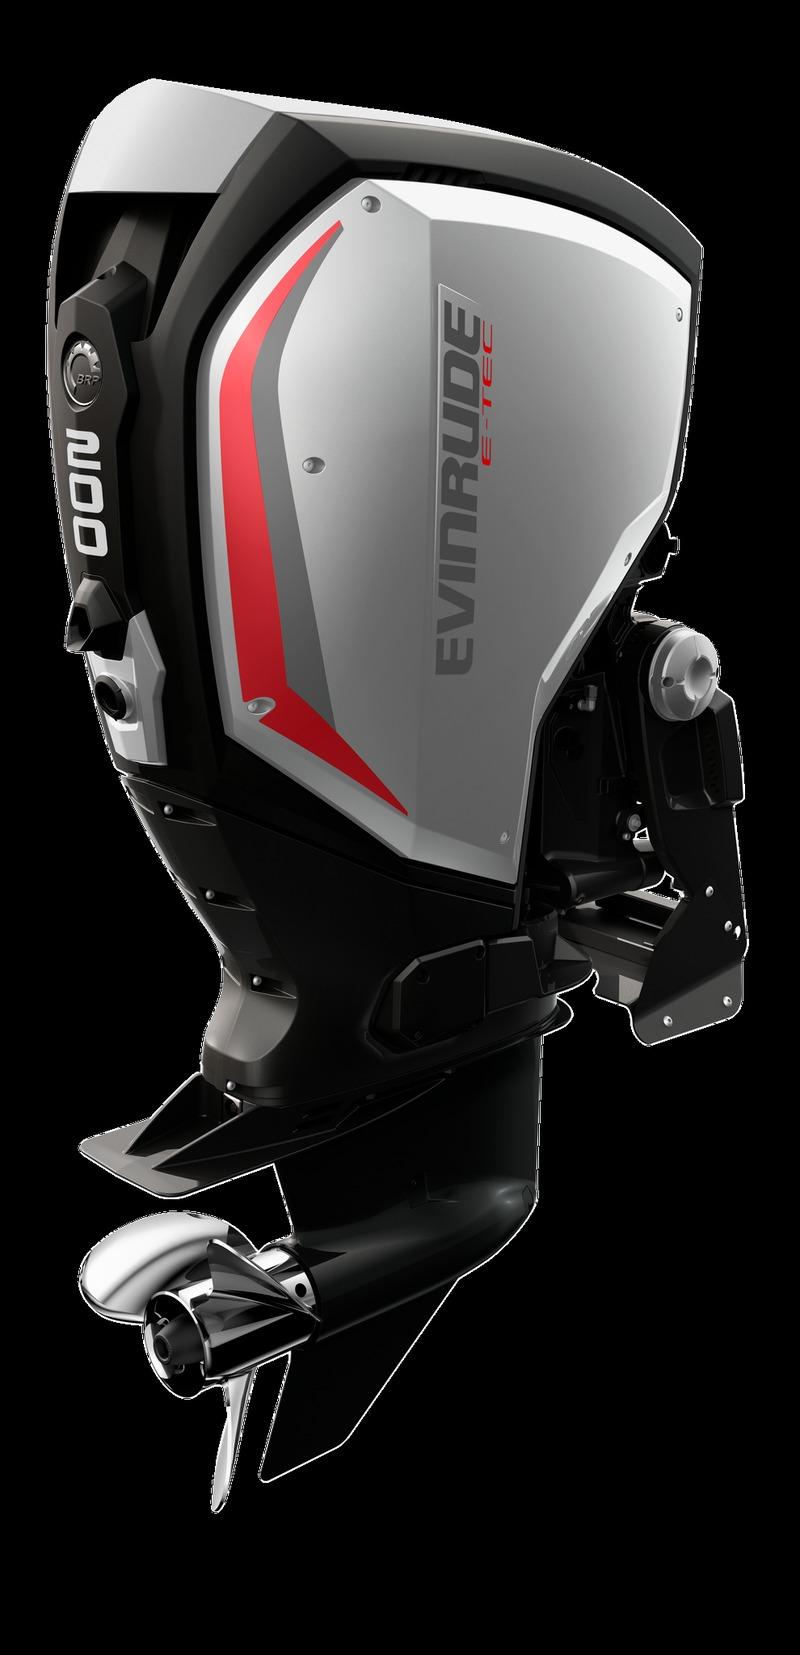 Evinrude G2 E200